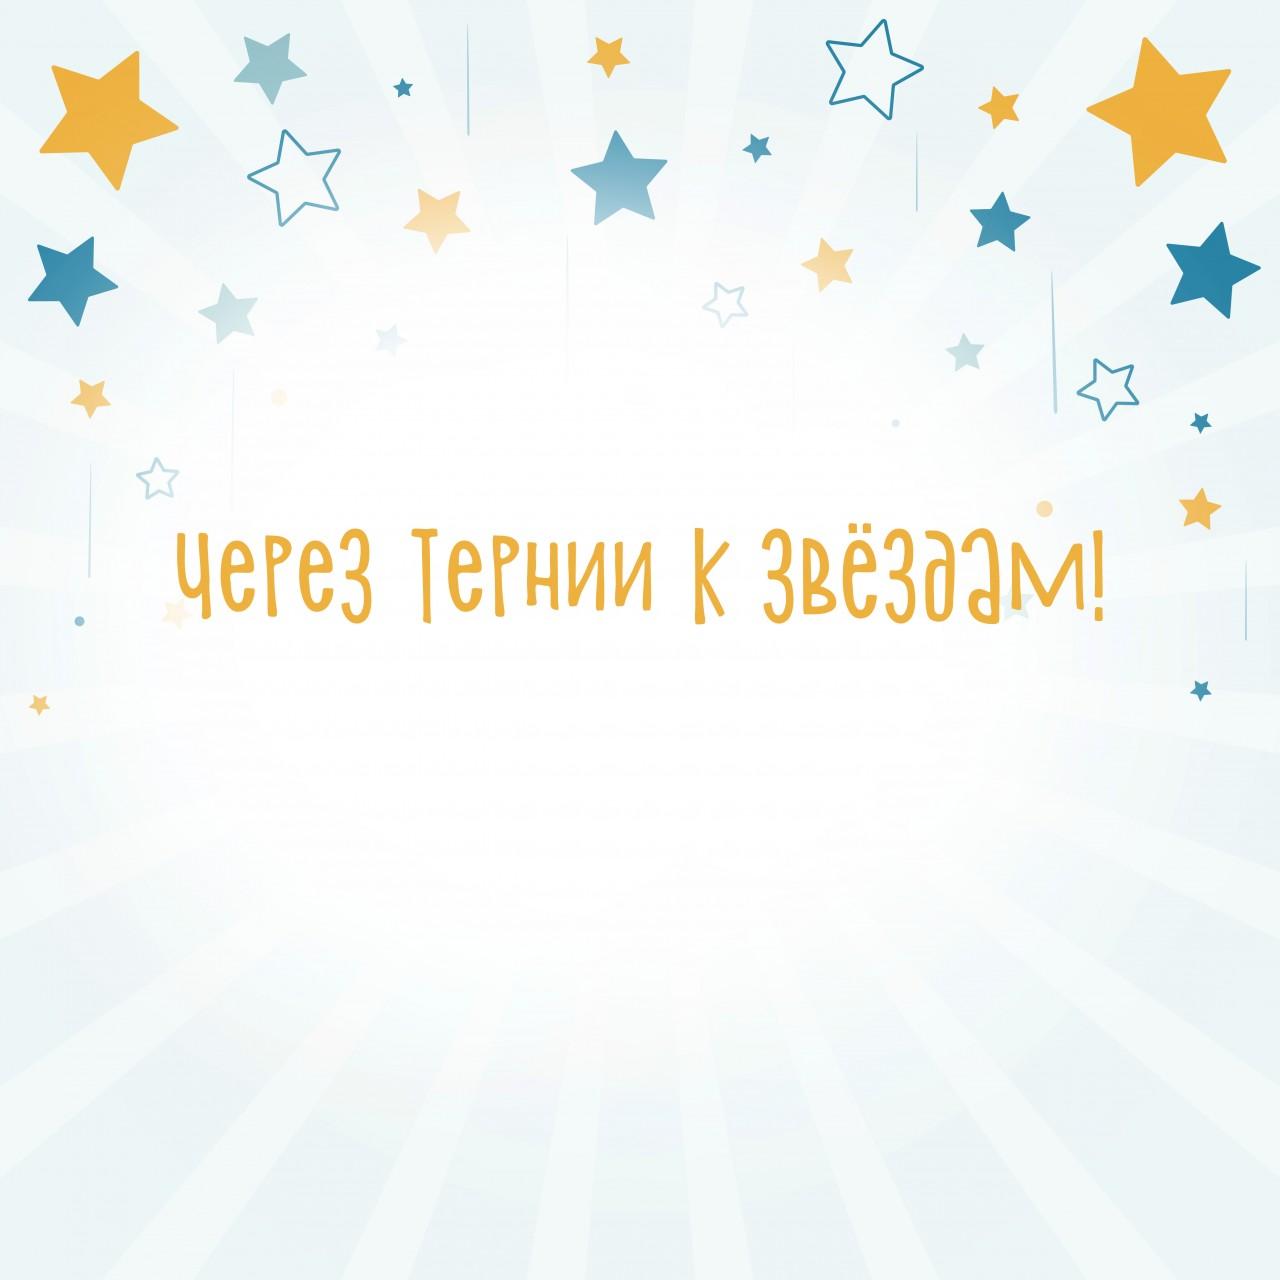 Дистанционный марафон творческих активностей «Через тернии к звёздам!»